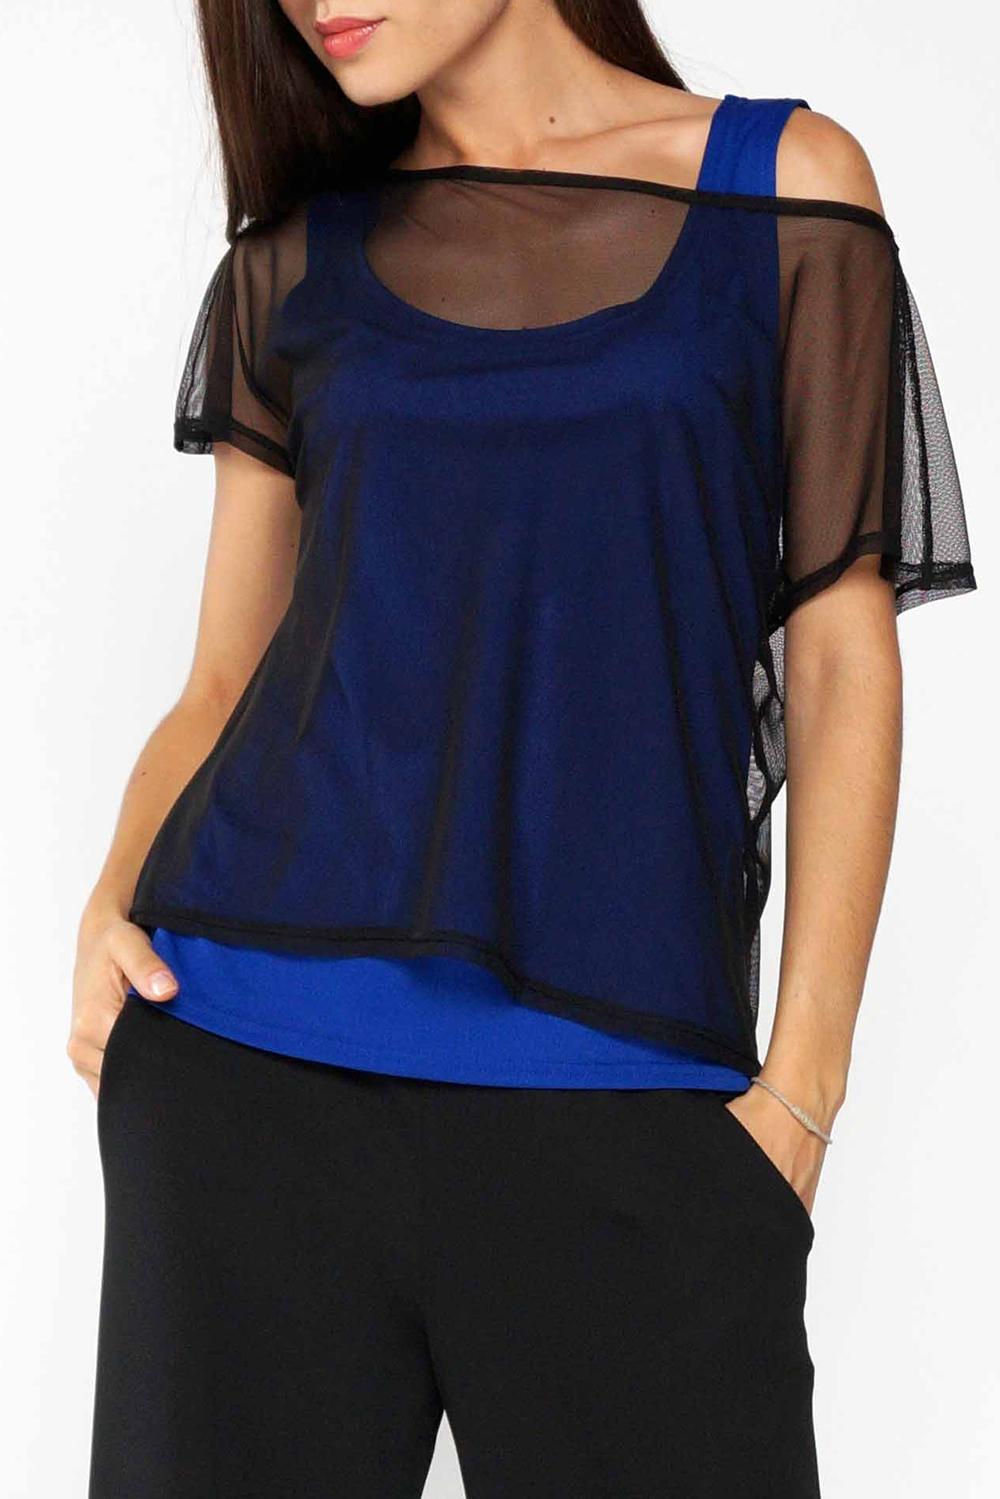 ТопБлузки<br>Комплект - двойка состоит из трикотажного топа плотного прилегания и свободной блузы из сетки с цельнокроеным коротким рукавом.   Длина изделия по спинке 57 см.  В изделии использованы цвета: синий, черный  Ростовка изделия 170 см.<br><br>Горловина: С- горловина<br>По материалу: Гипюровая сетка,Трикотаж<br>По рисунку: Цветные<br>По сезону: Весна,Зима,Лето,Осень,Всесезон<br>По силуэту: Полуприталенные<br>По стилю: Кэжуал,Молодежный стиль,Повседневный стиль<br>Рукав: Короткий рукав<br>Размер : 52-54<br>Материал: Холодное масло + Гипюровая сетка<br>Количество в наличии: 1